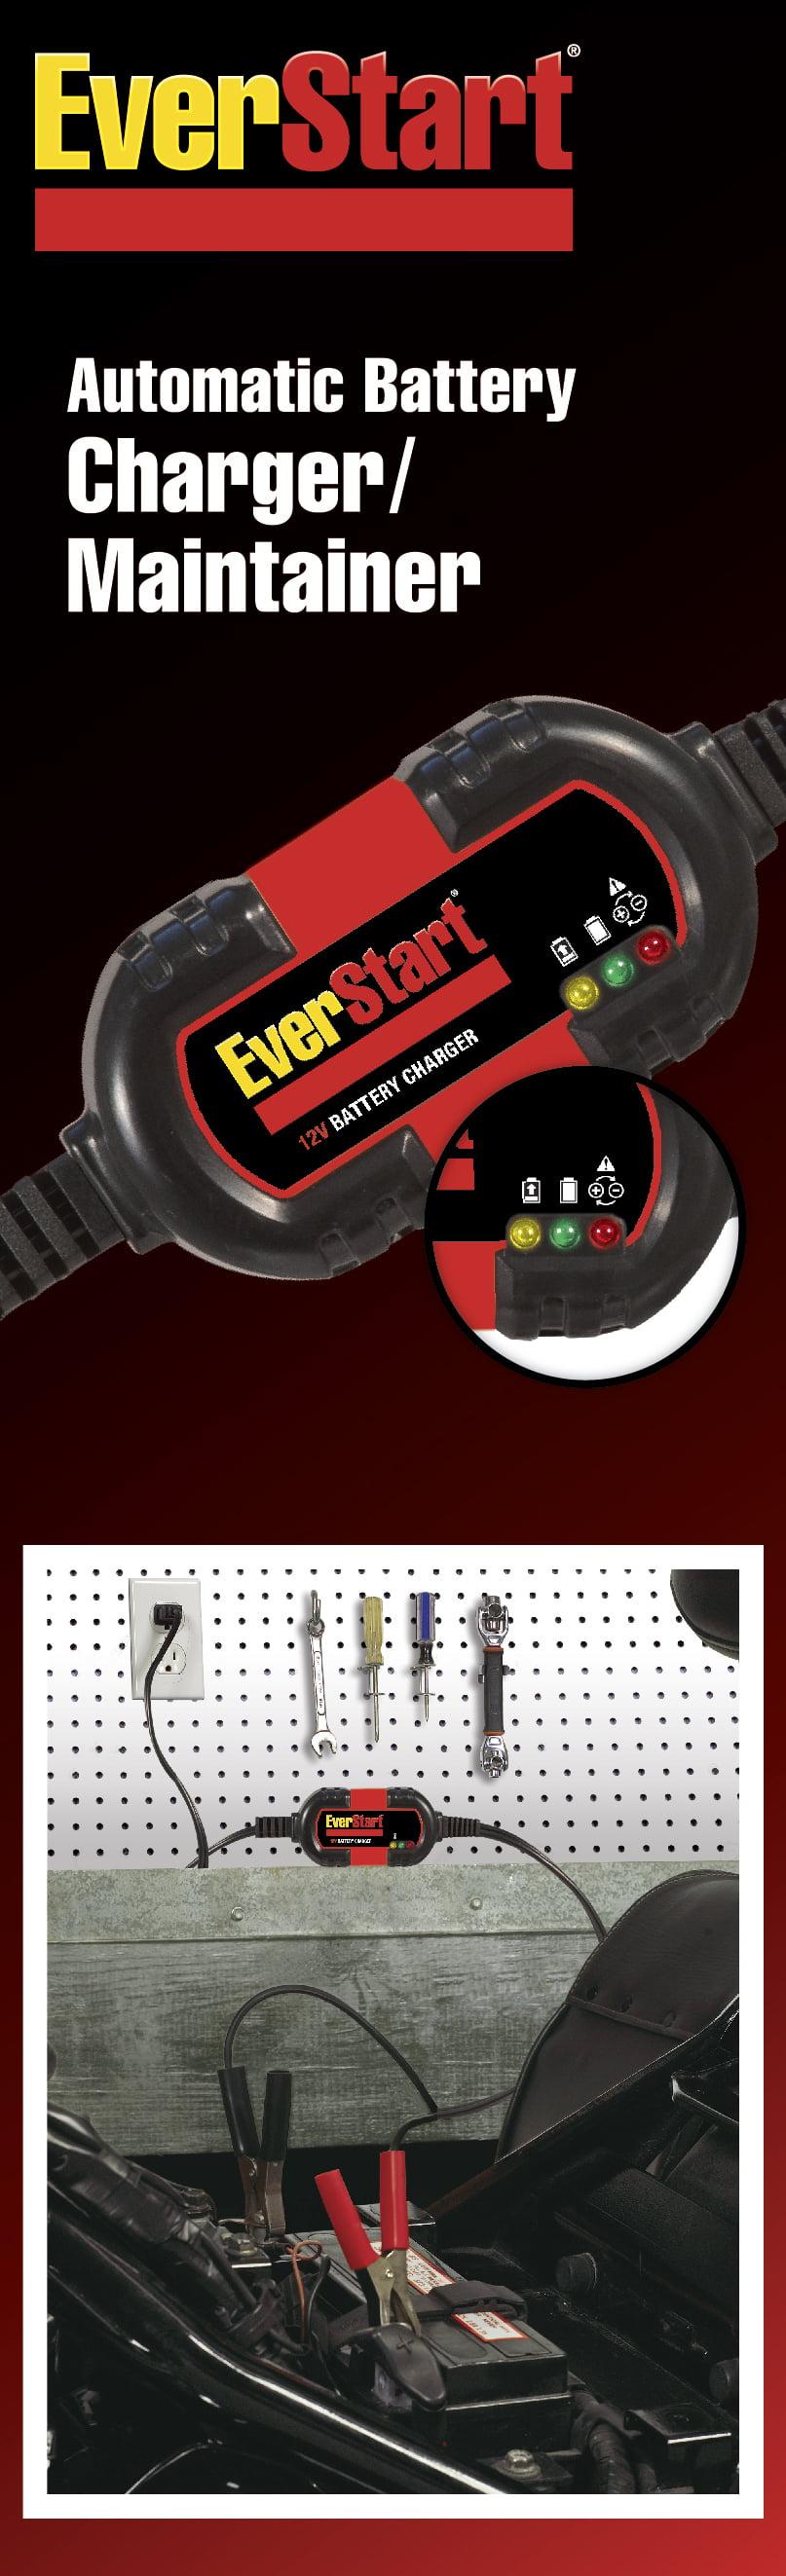 Everstart 12v Automotive Marine Battery Charger And Maintainer Bm1e Walmart Com Walmart Com